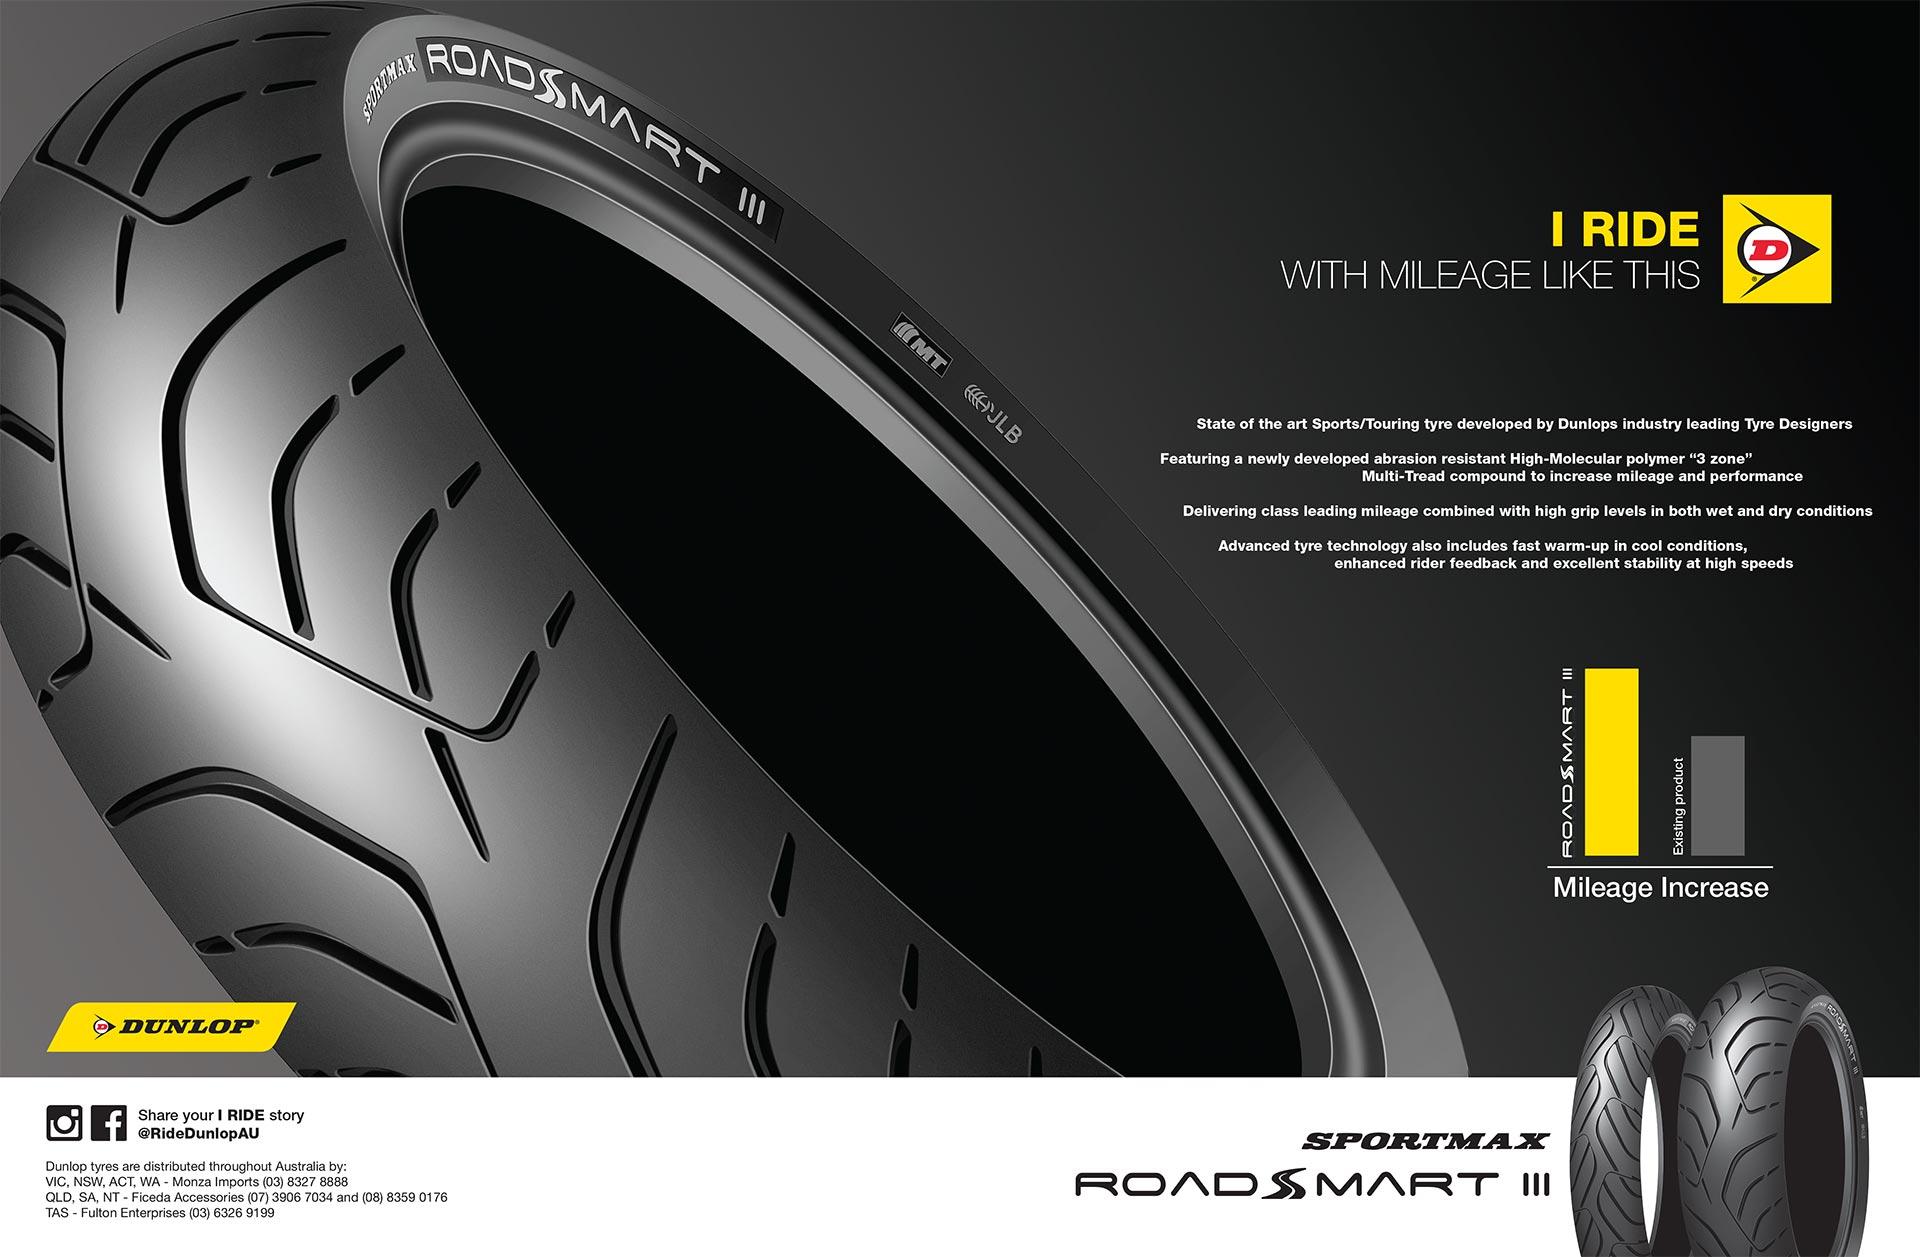 Dunlop RoadSmart III